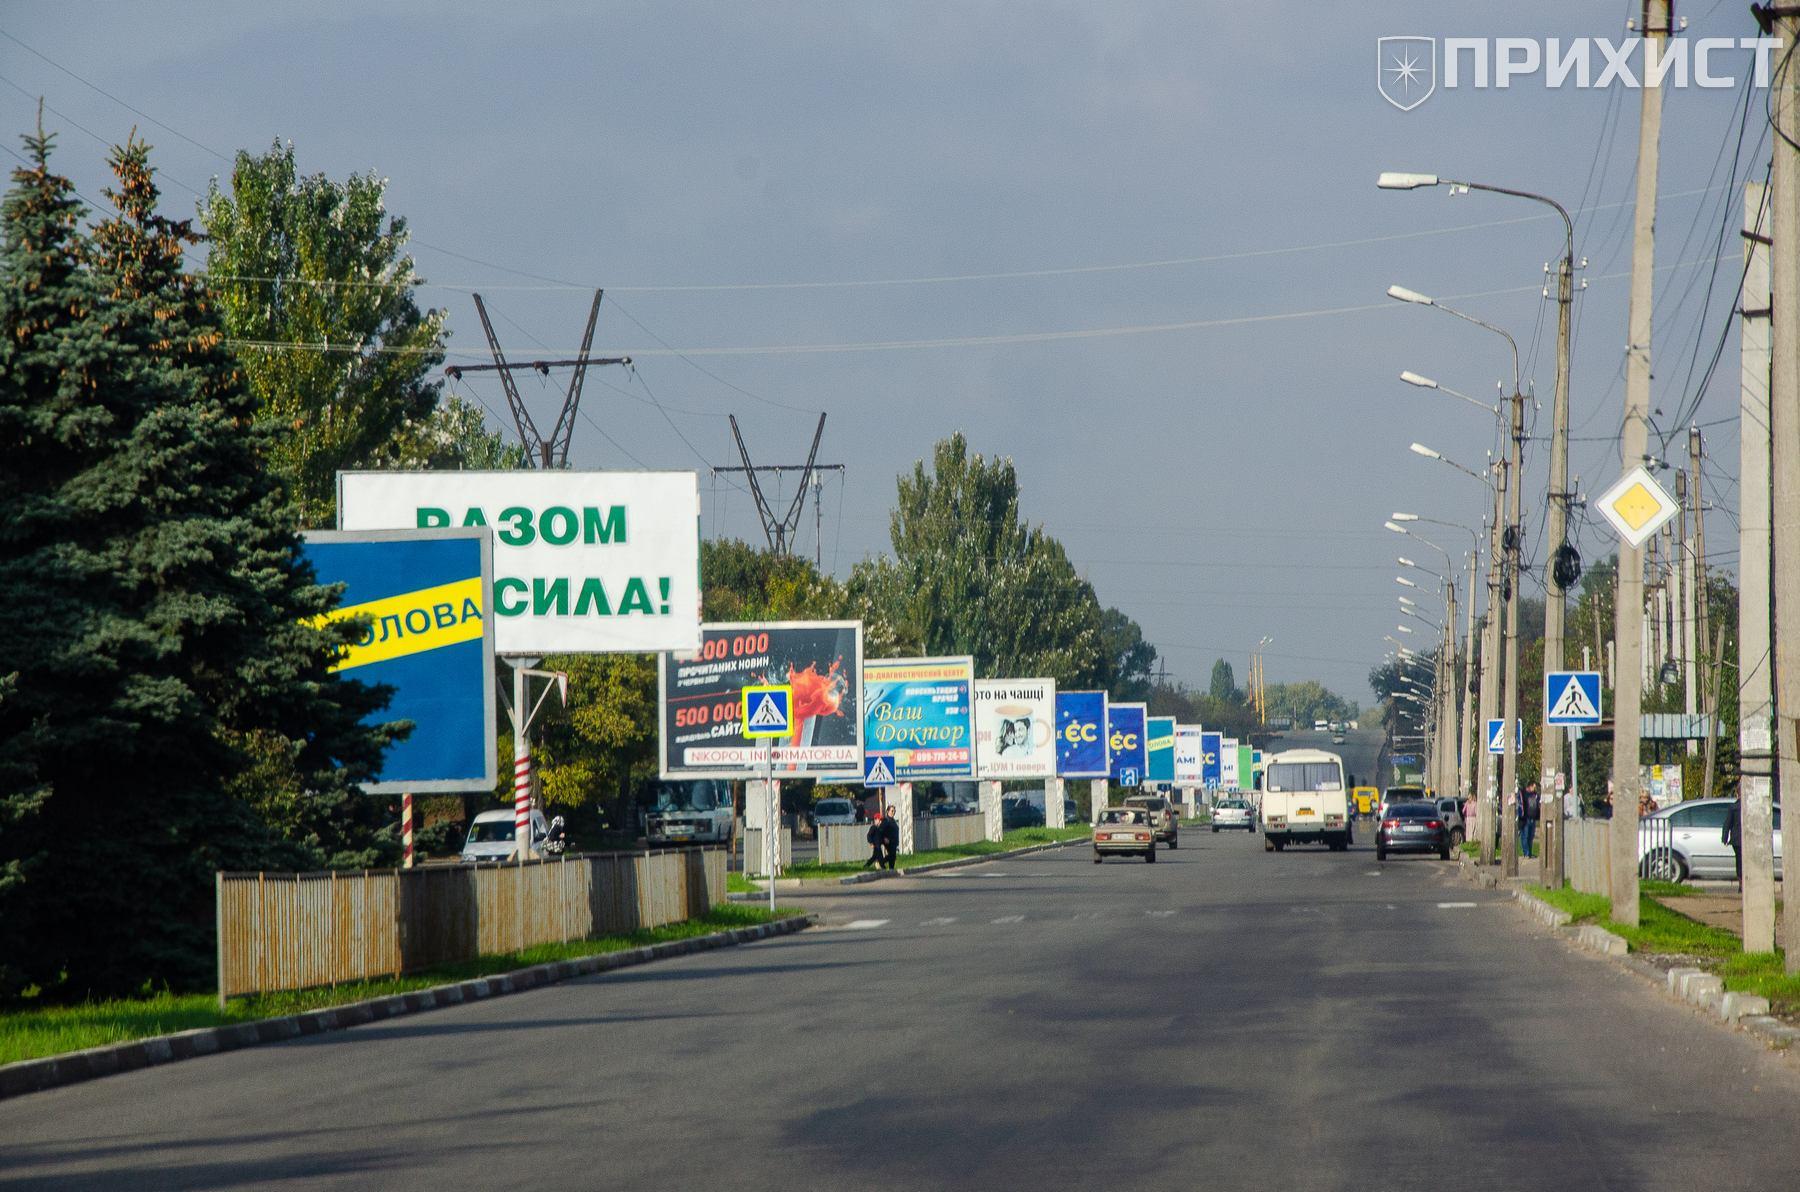 Никополь в день голосования. Фото   Прихист